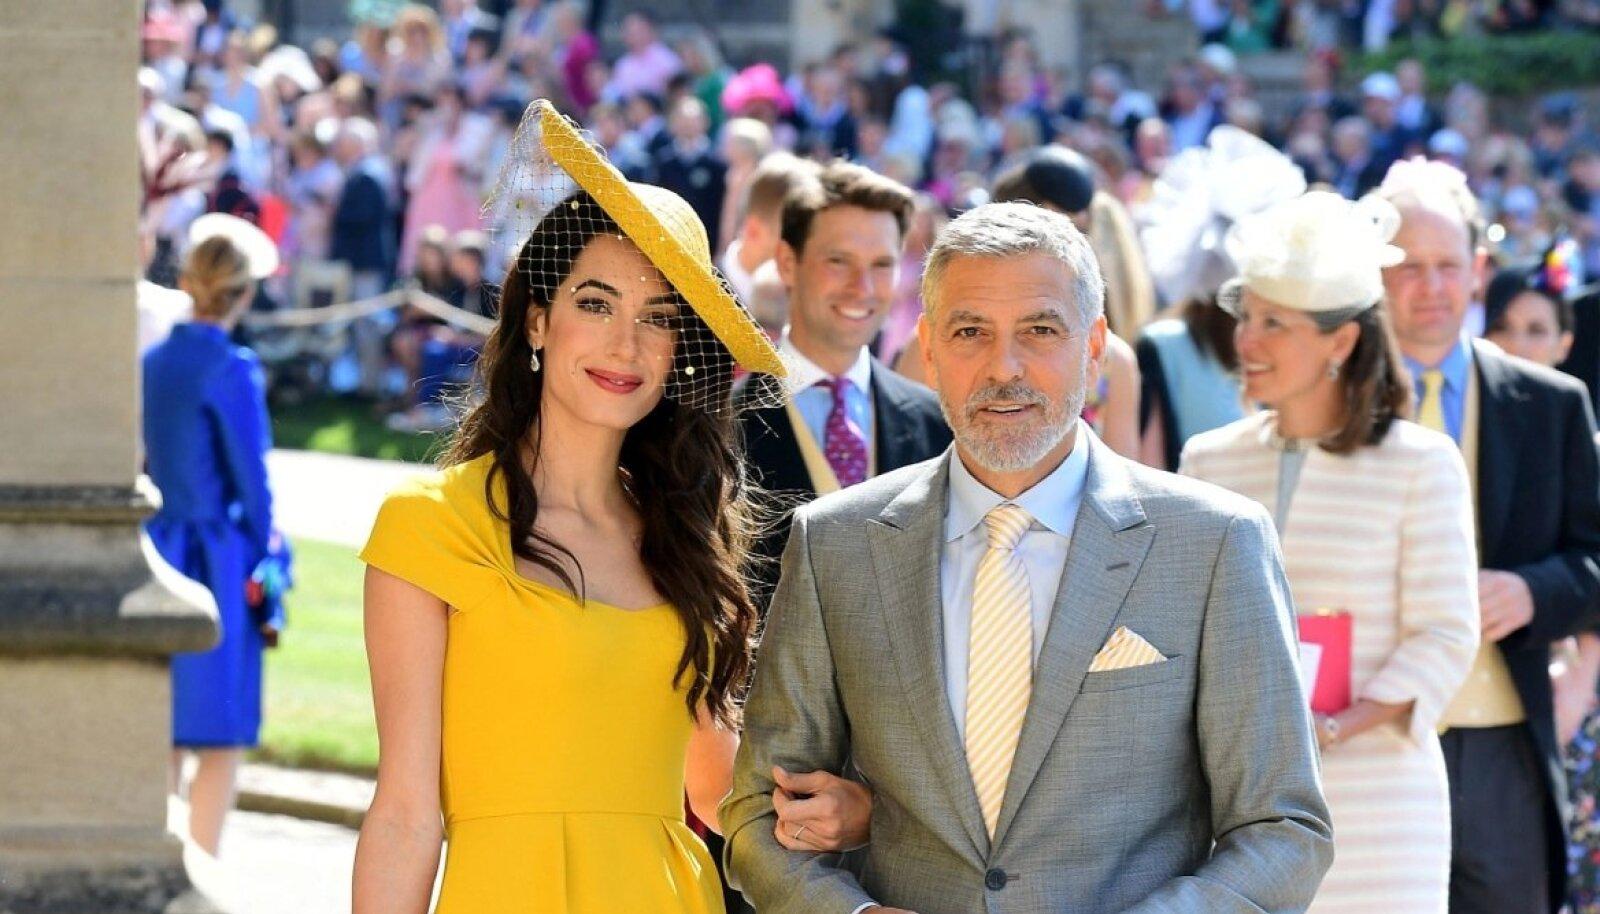 Amal ja George Clooney saabuvad Meghani ja prints Harry pulma. Alla põlve ulatuv kollane kleit on ideaalne valik ka selleks kevadeks ja suveks.